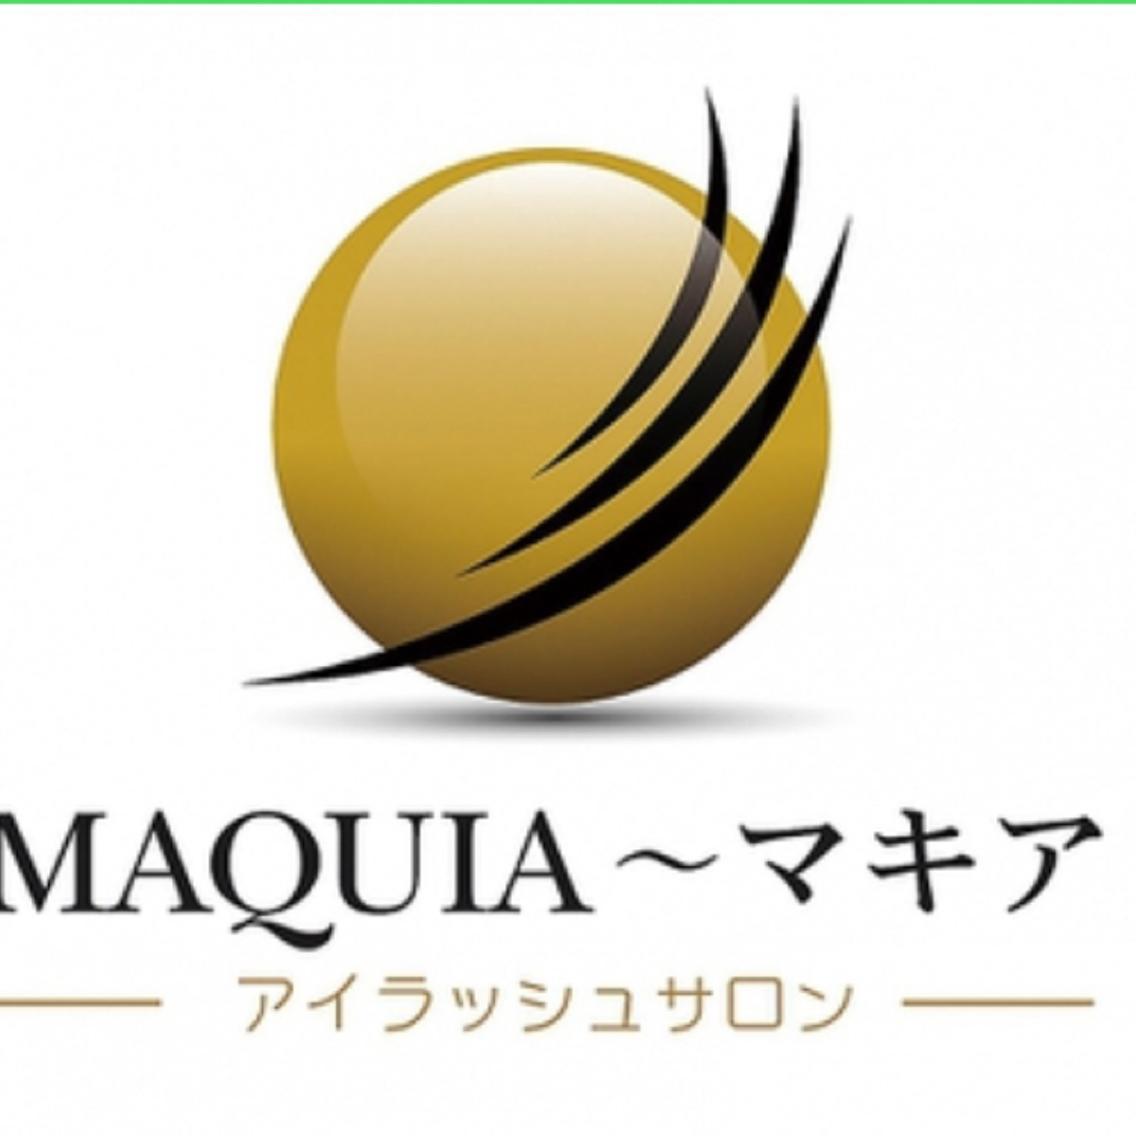 アイラッシュサロンマキア神栖店所属・MAQUIA神栖店園田の掲載